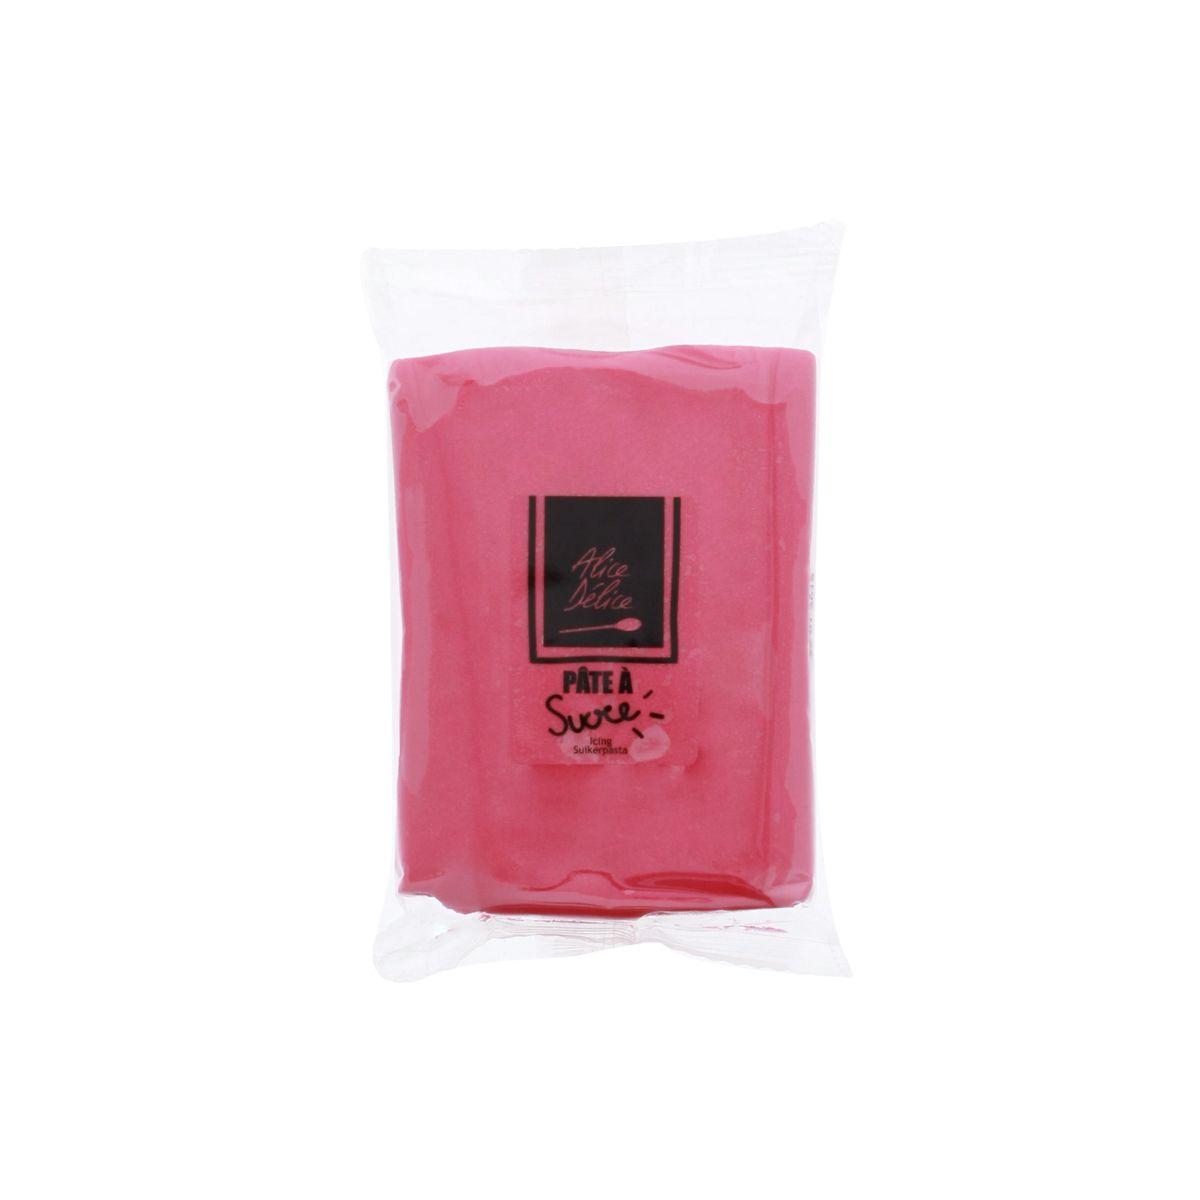 Pâte à sucre rose foncé 250g - Alice Délice